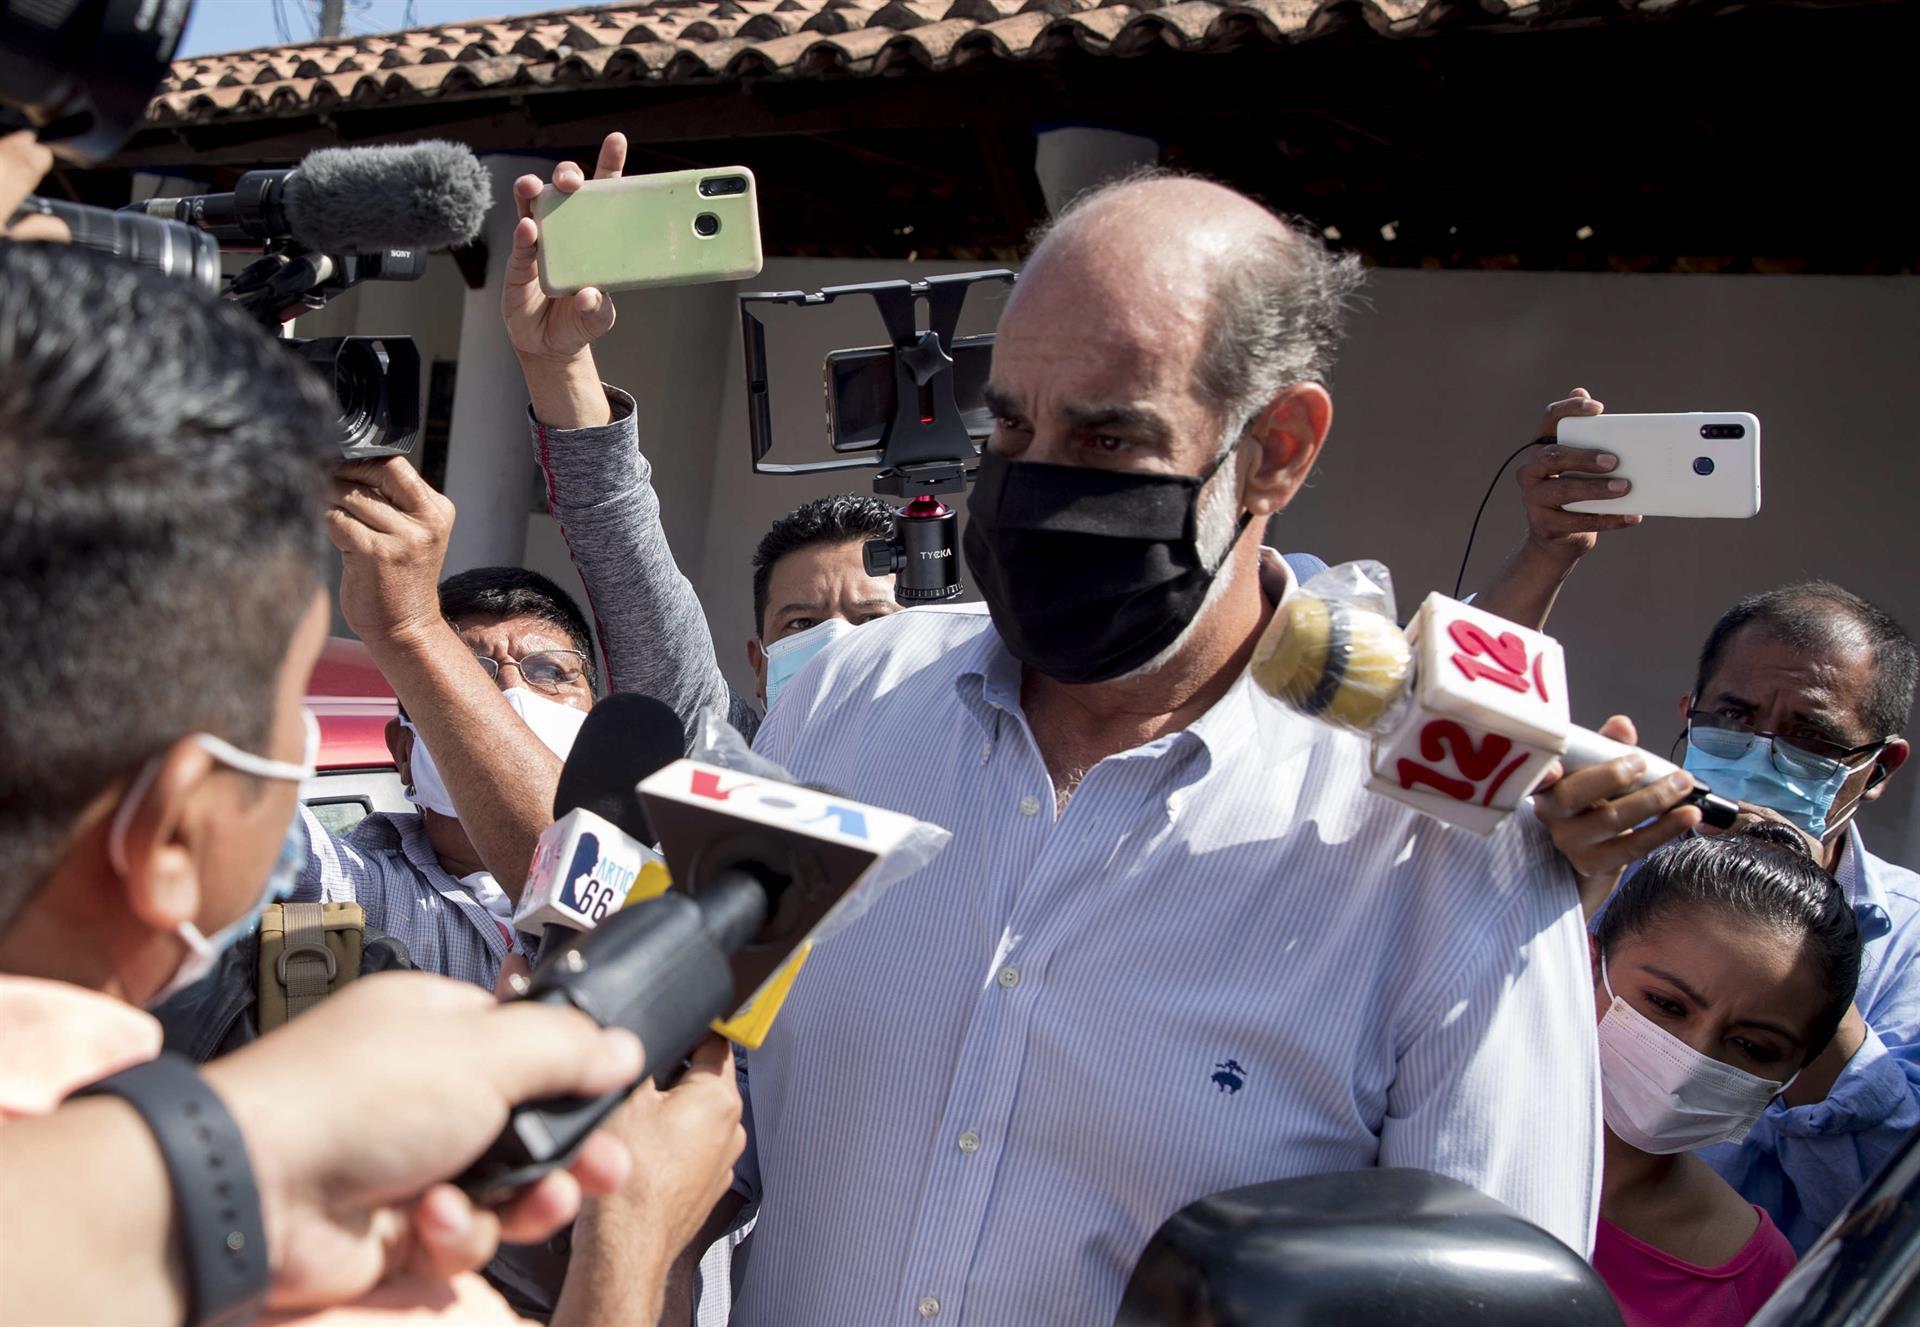 Empresário Michael Healy falou com imprensa após ser detido em Manágua, na Nicarágua